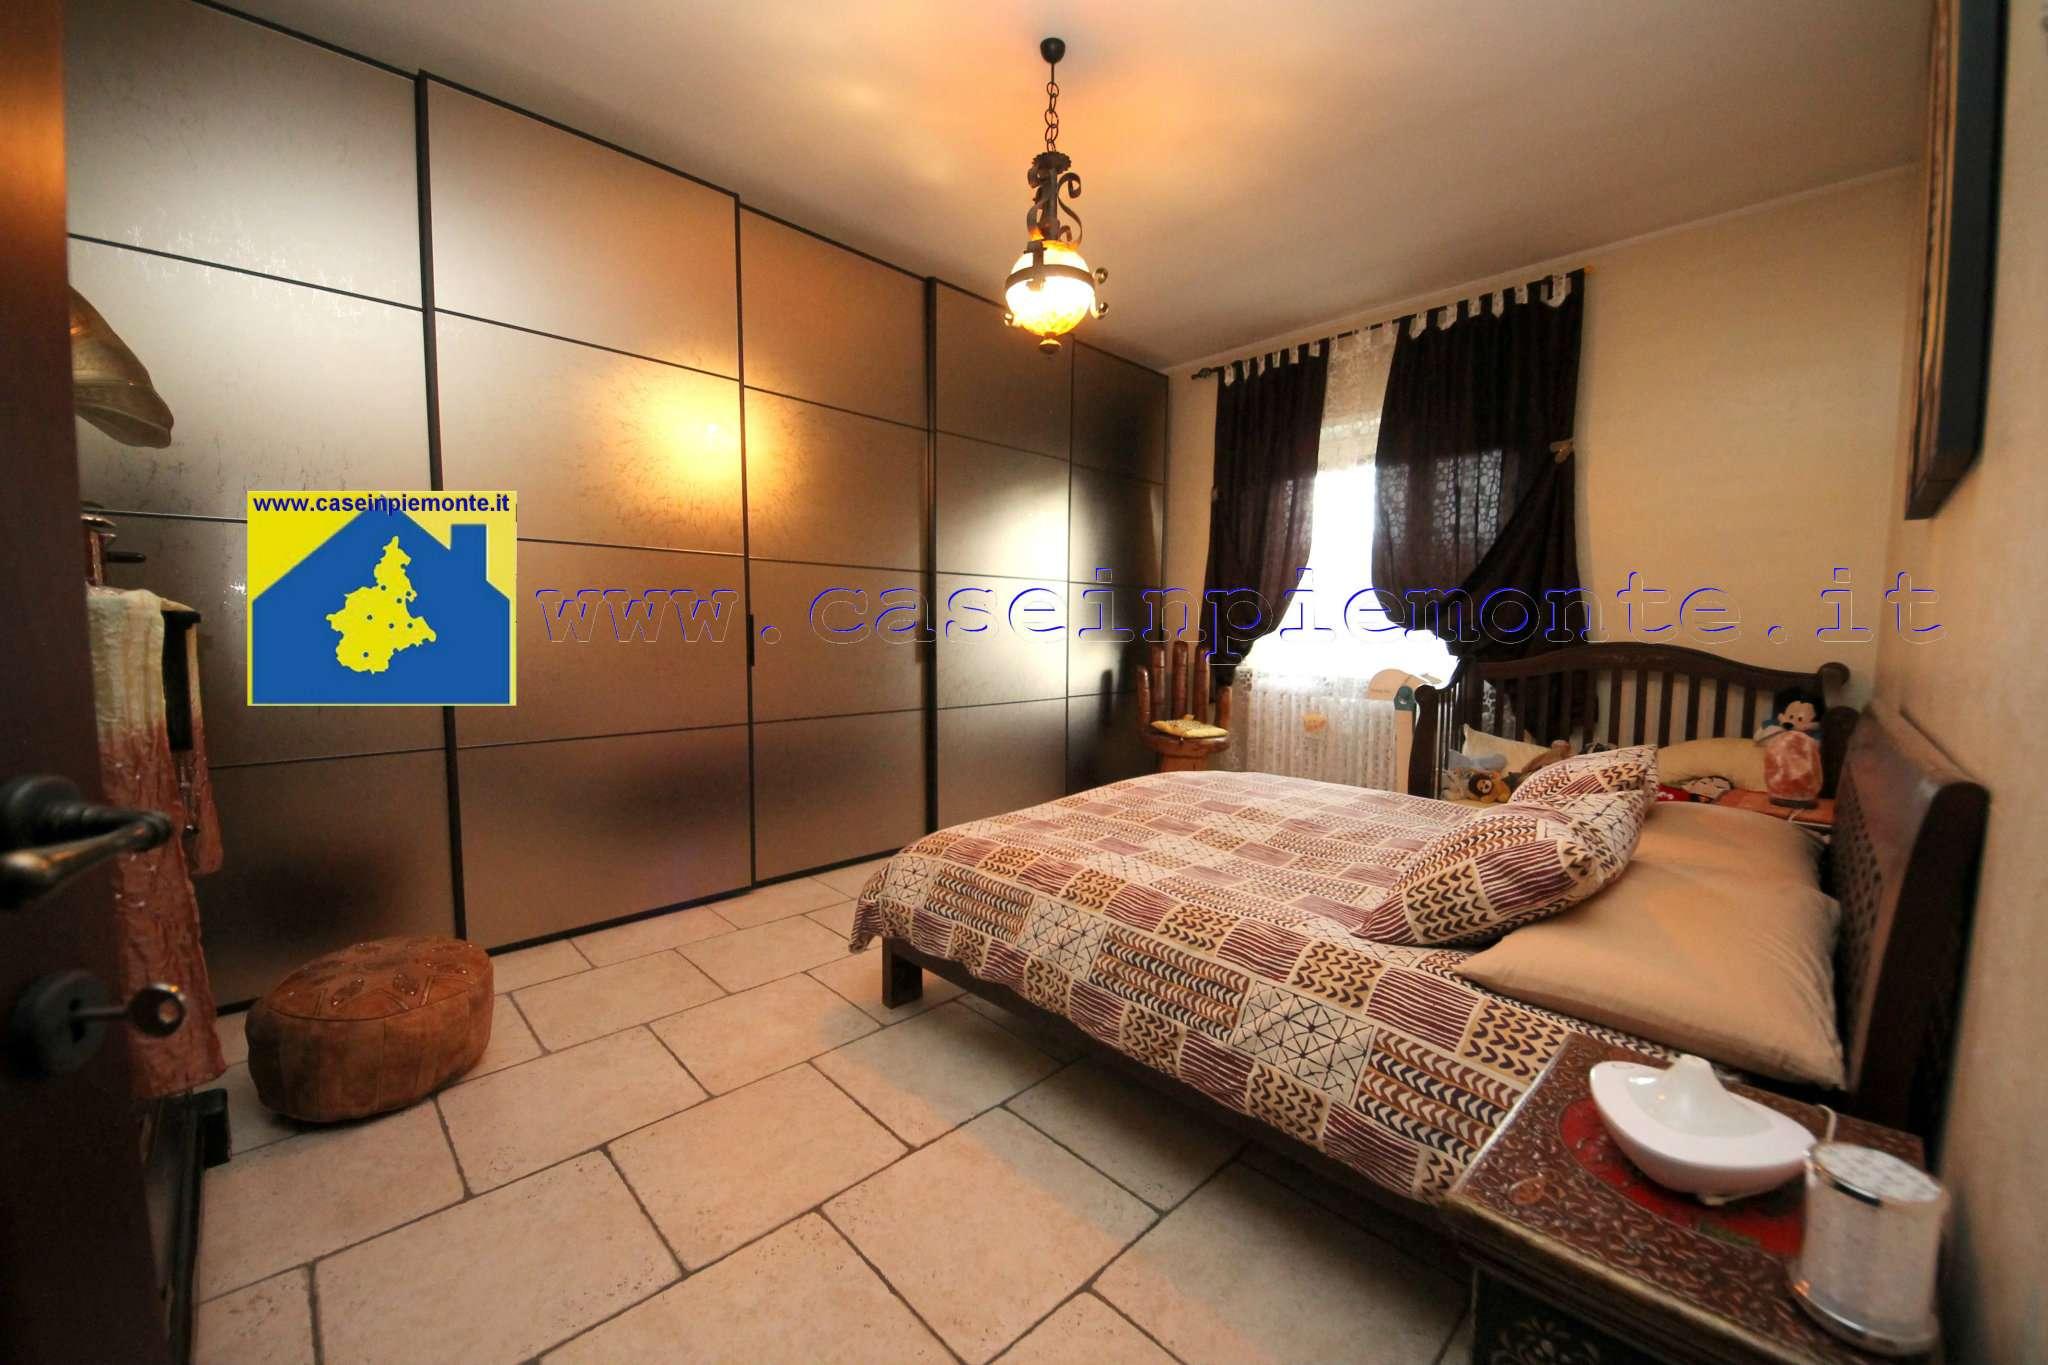 Appartamento in vendita a Alpignano, 5 locali, prezzo € 175.000 | CambioCasa.it